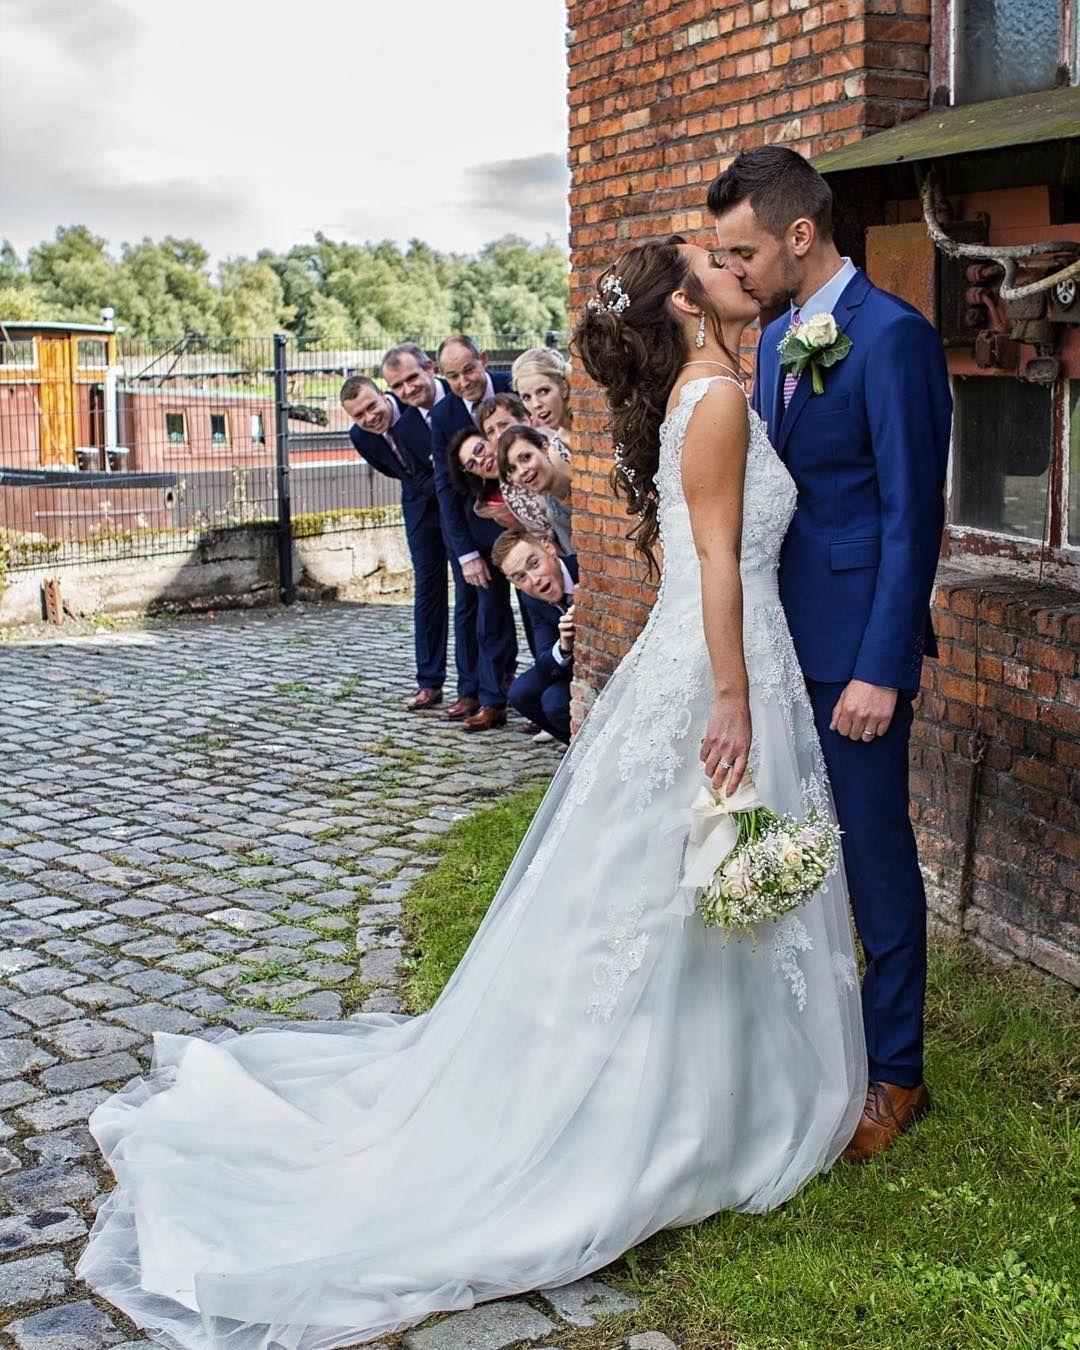 50 originelle Hochzeitsfoto-Ideen für das Brautpaarshooting